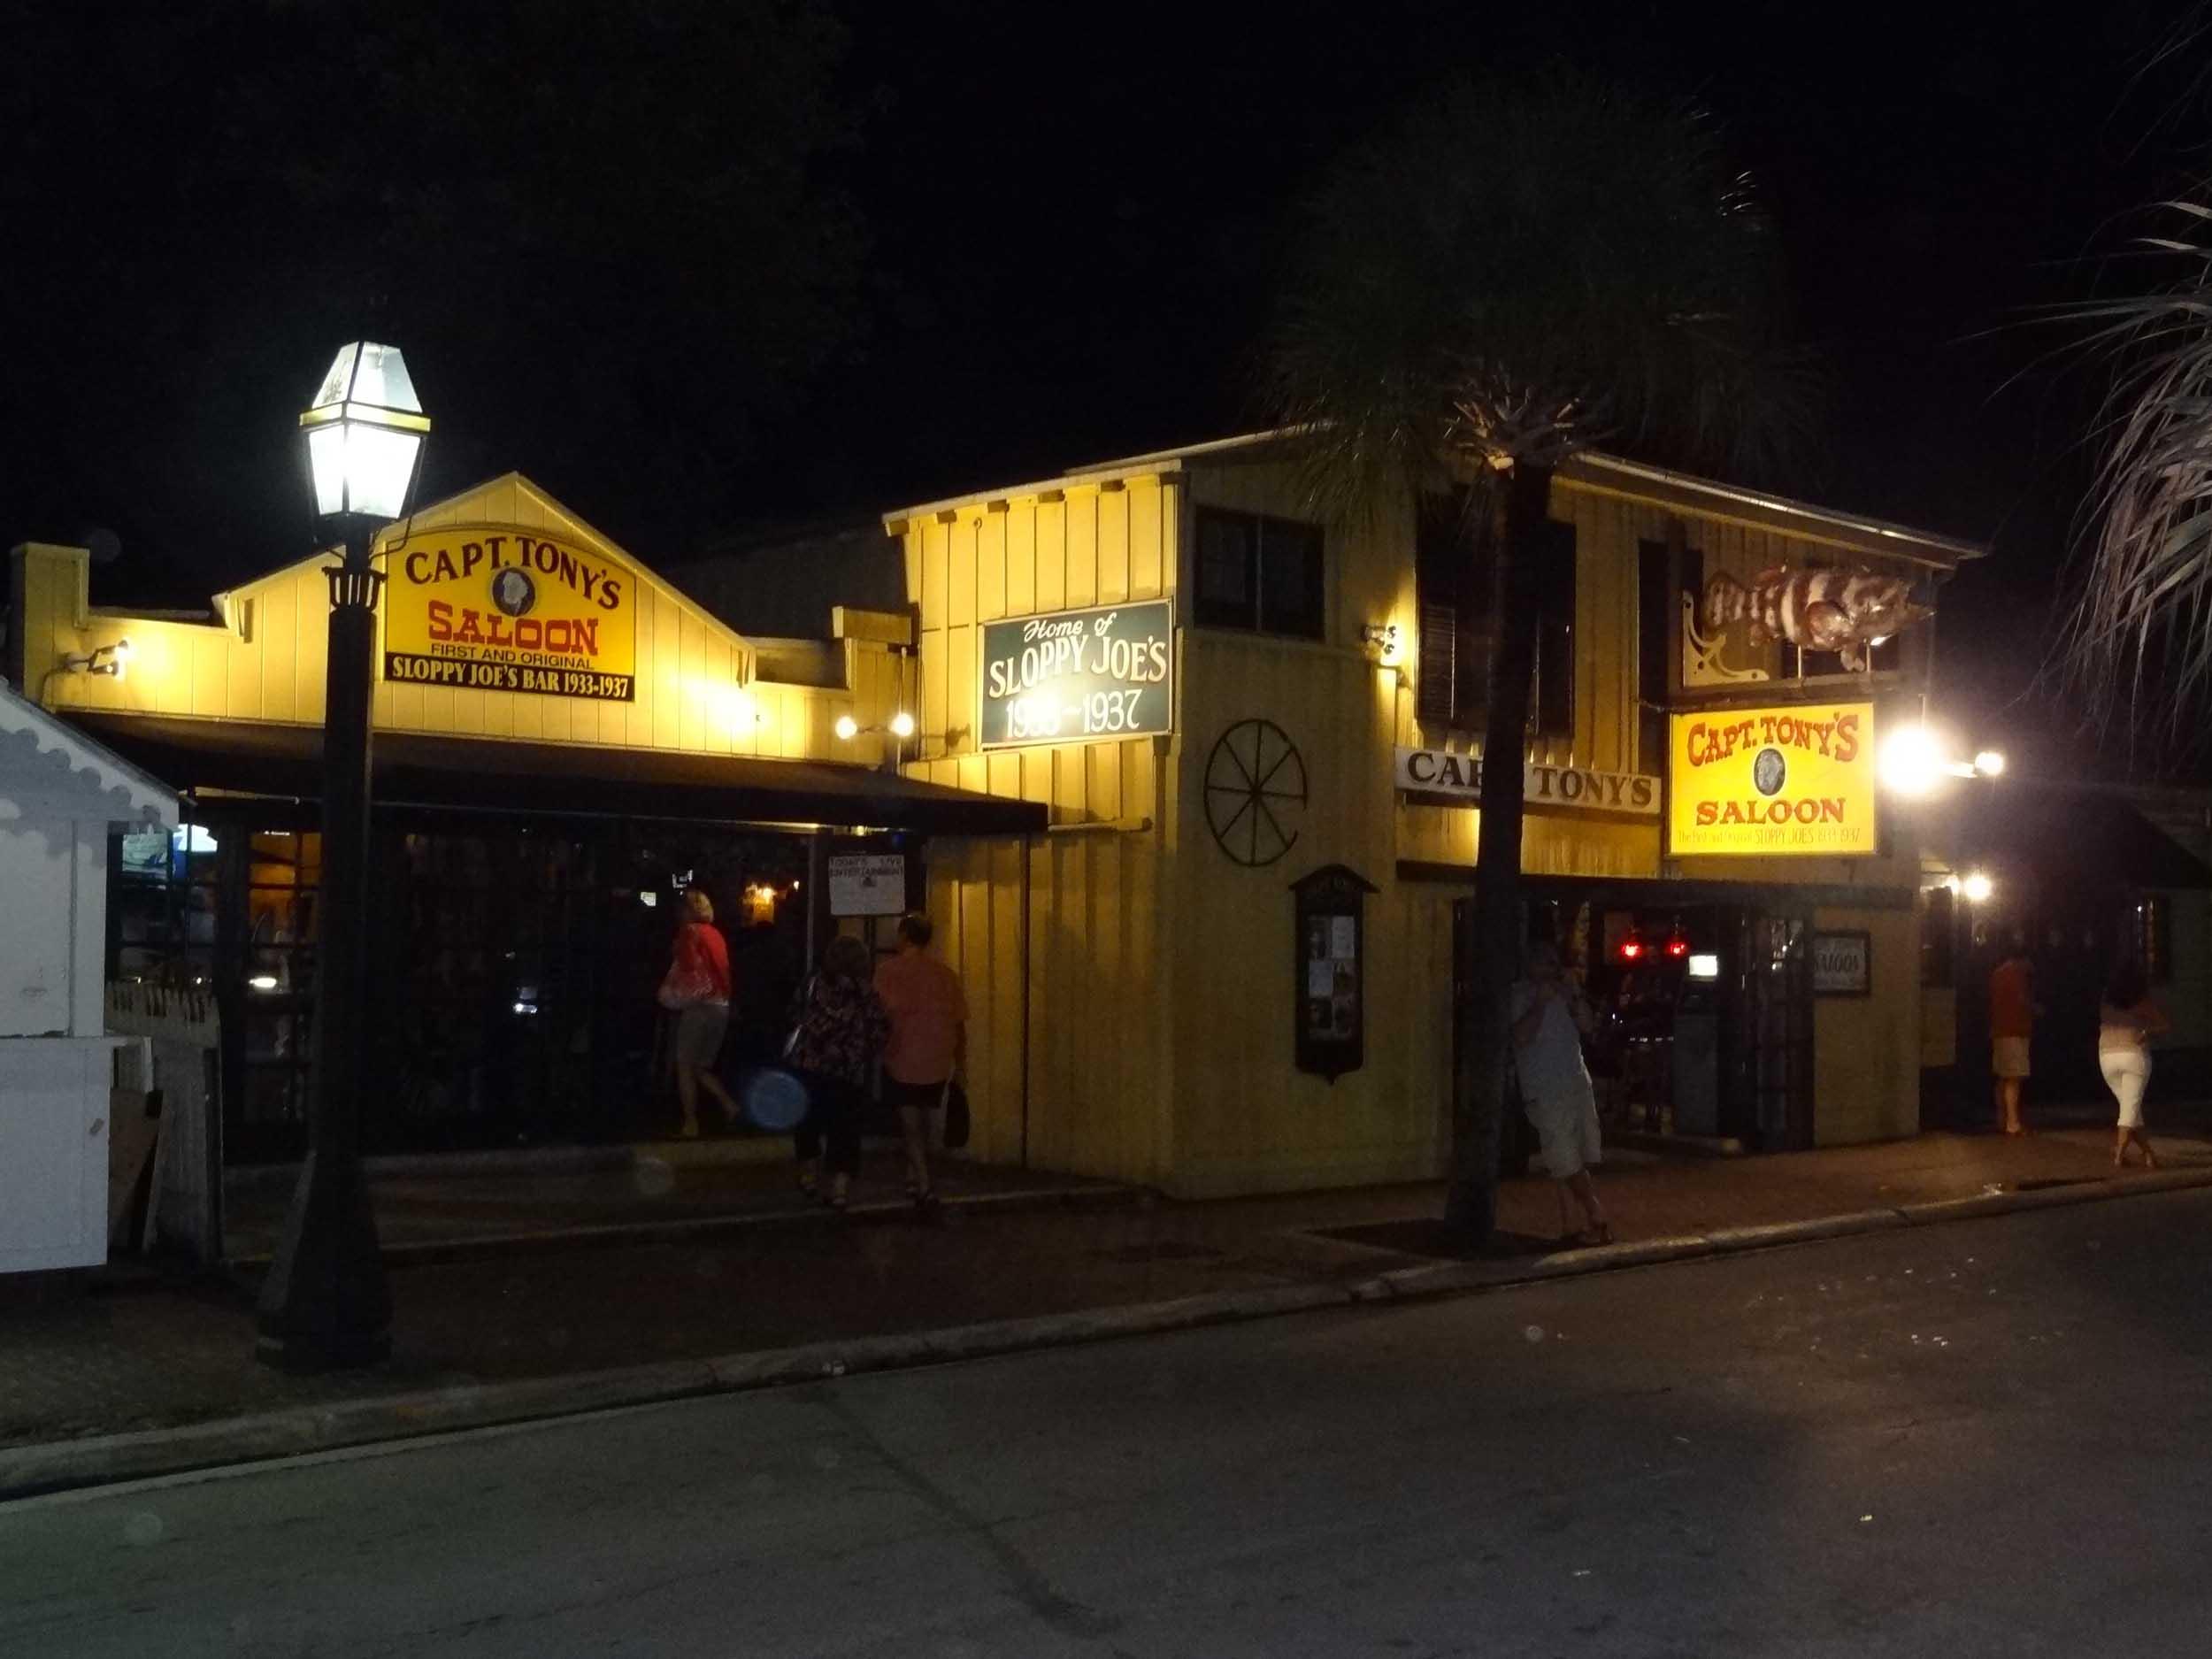 Nighttime at Captain Tony's Saloon